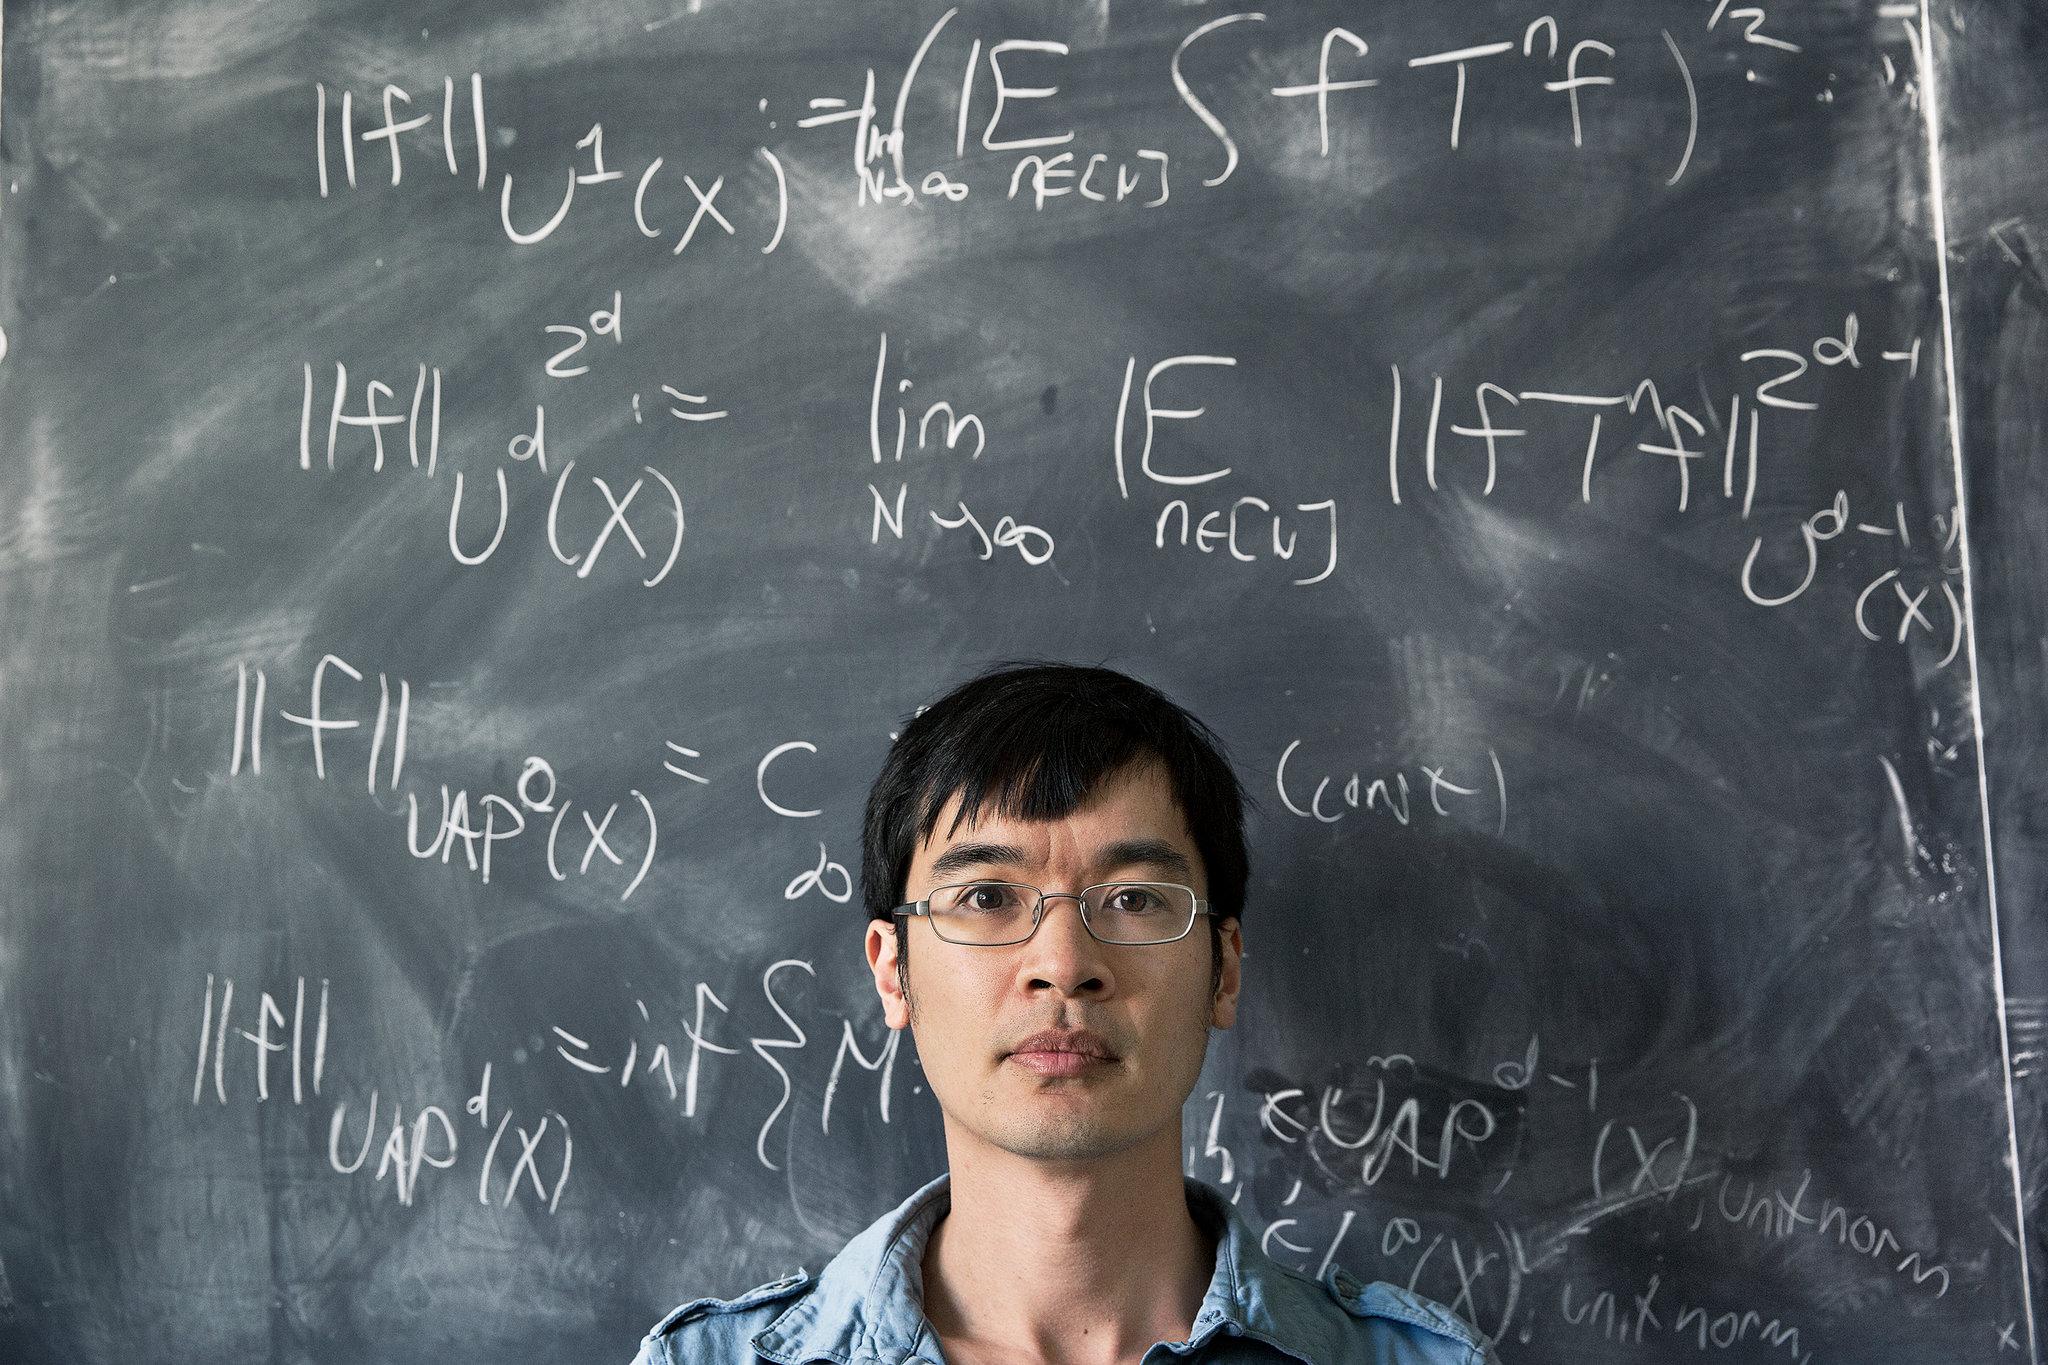 Ritratto di Terence Tao, medaglia Fields 2006. Credit: Graeme Mitchell per il New York Times.